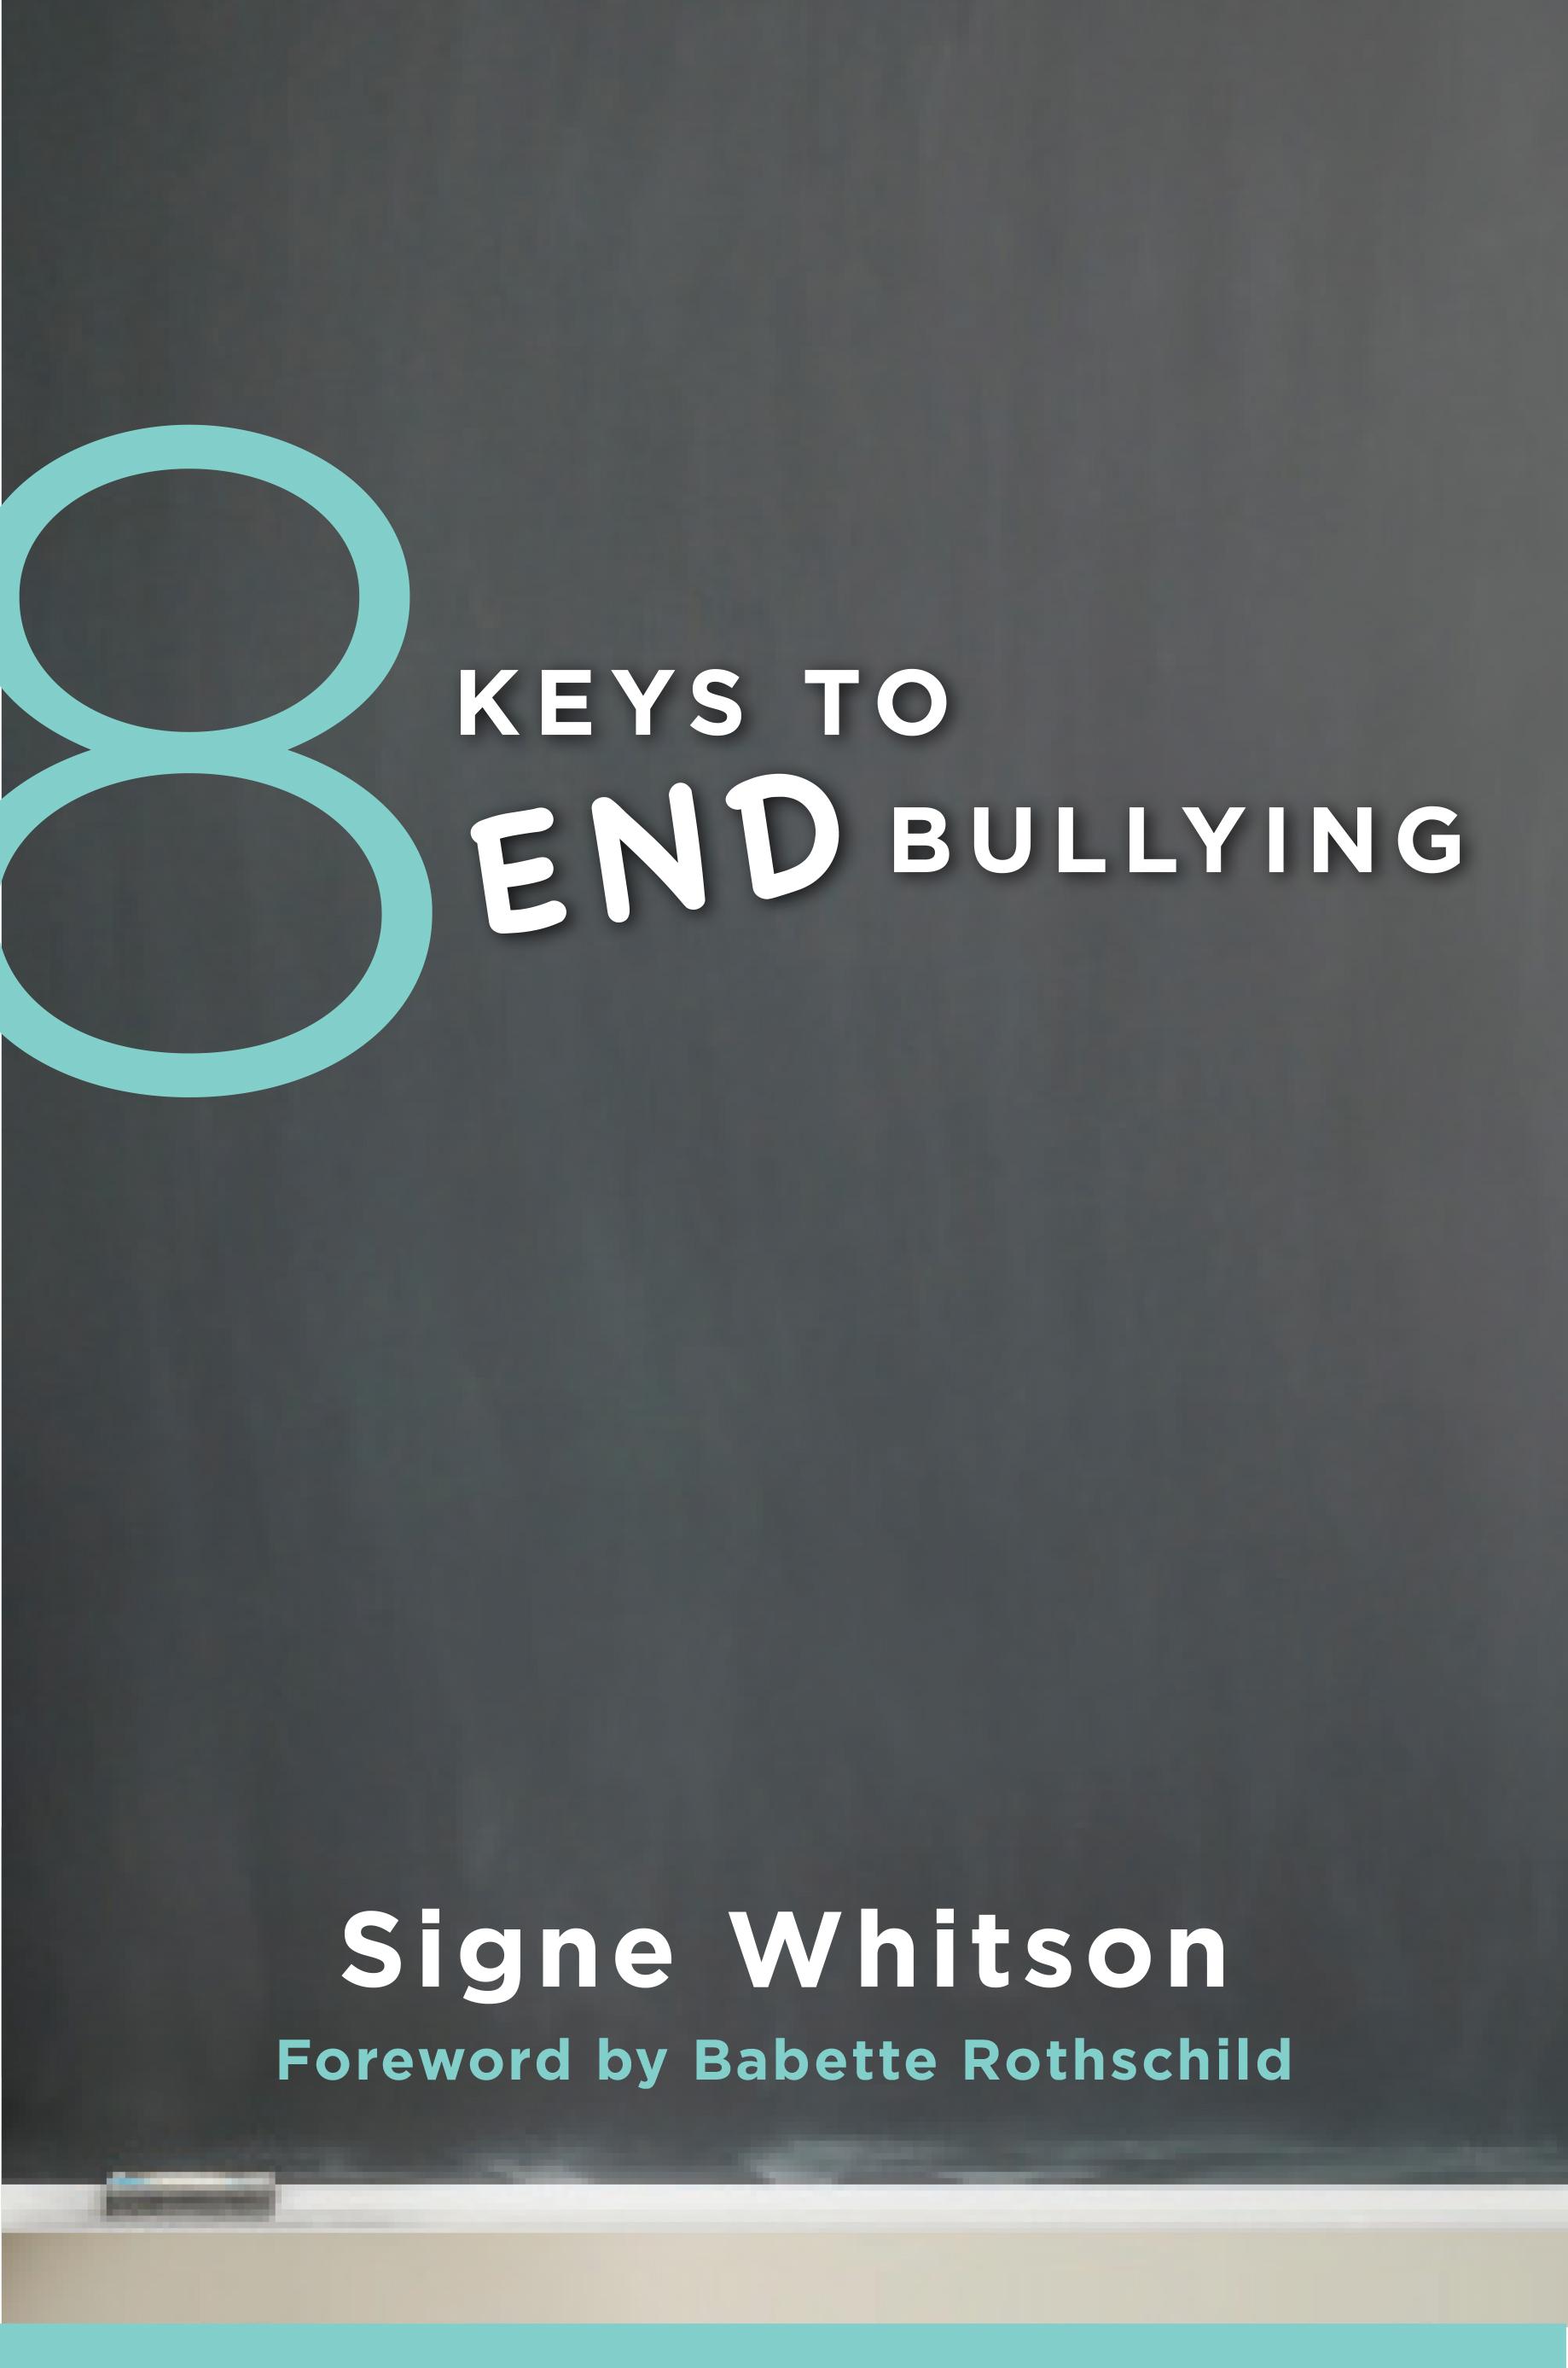 8 Keys_Whitson v5